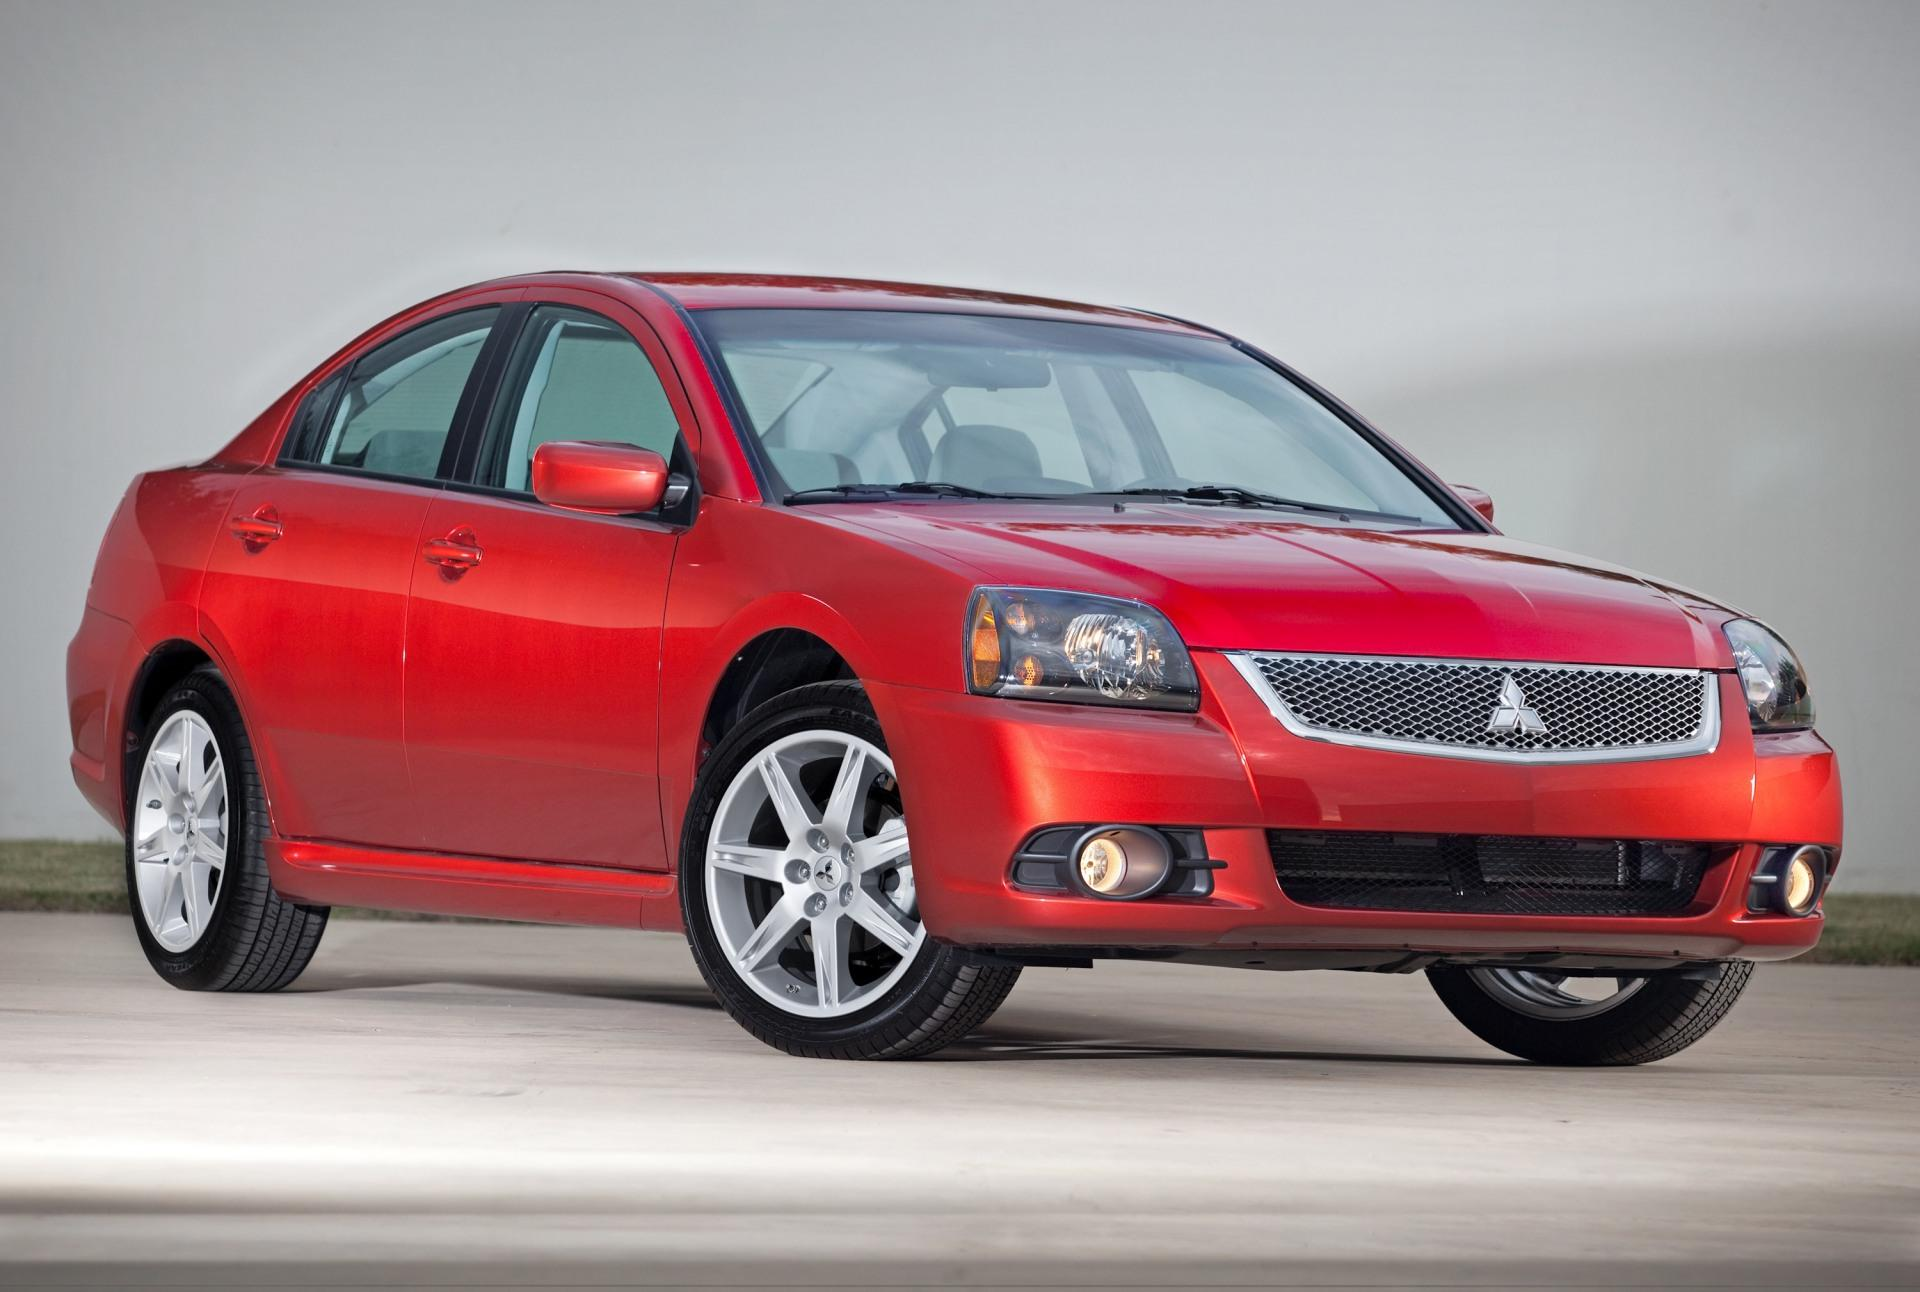 2010 Mitsubishi Galant - conceptcarz.com